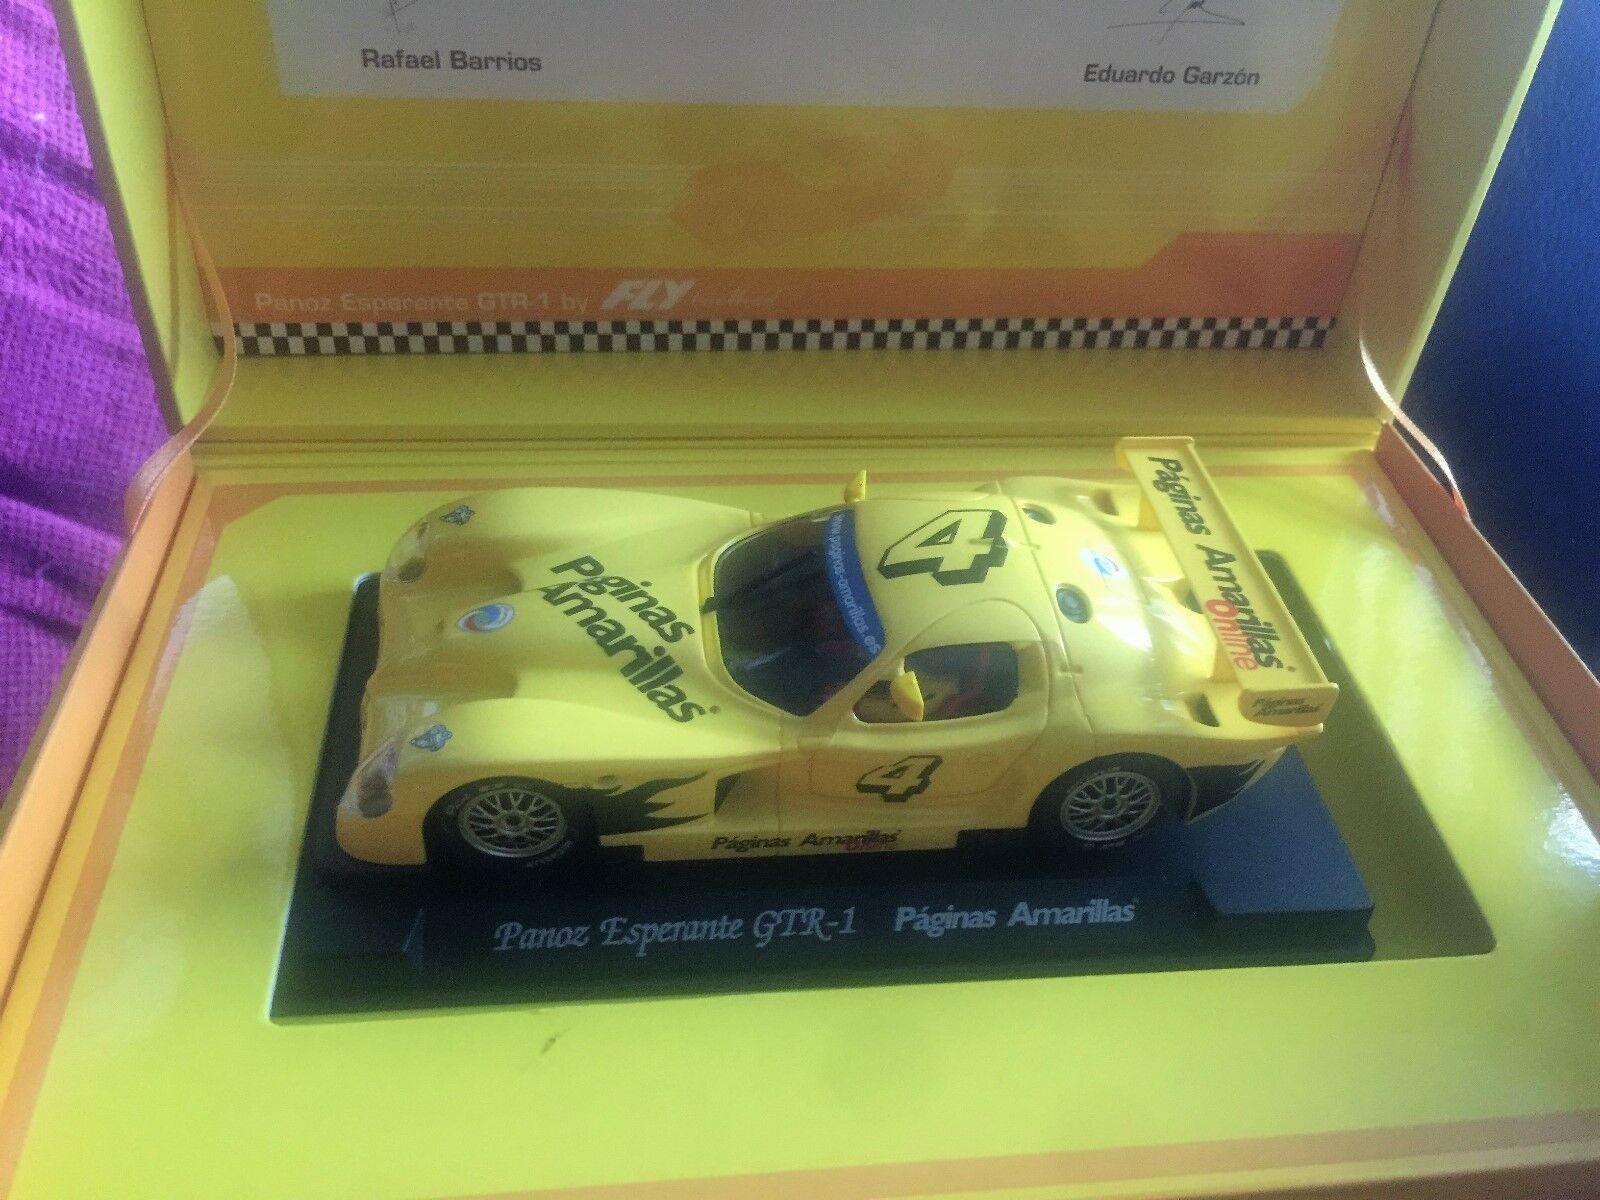 M B  RARE NO 4 PAGINAS yellowS PANOZ ESPERANTE GTR1 NO 1000 OF 1000 L@@K